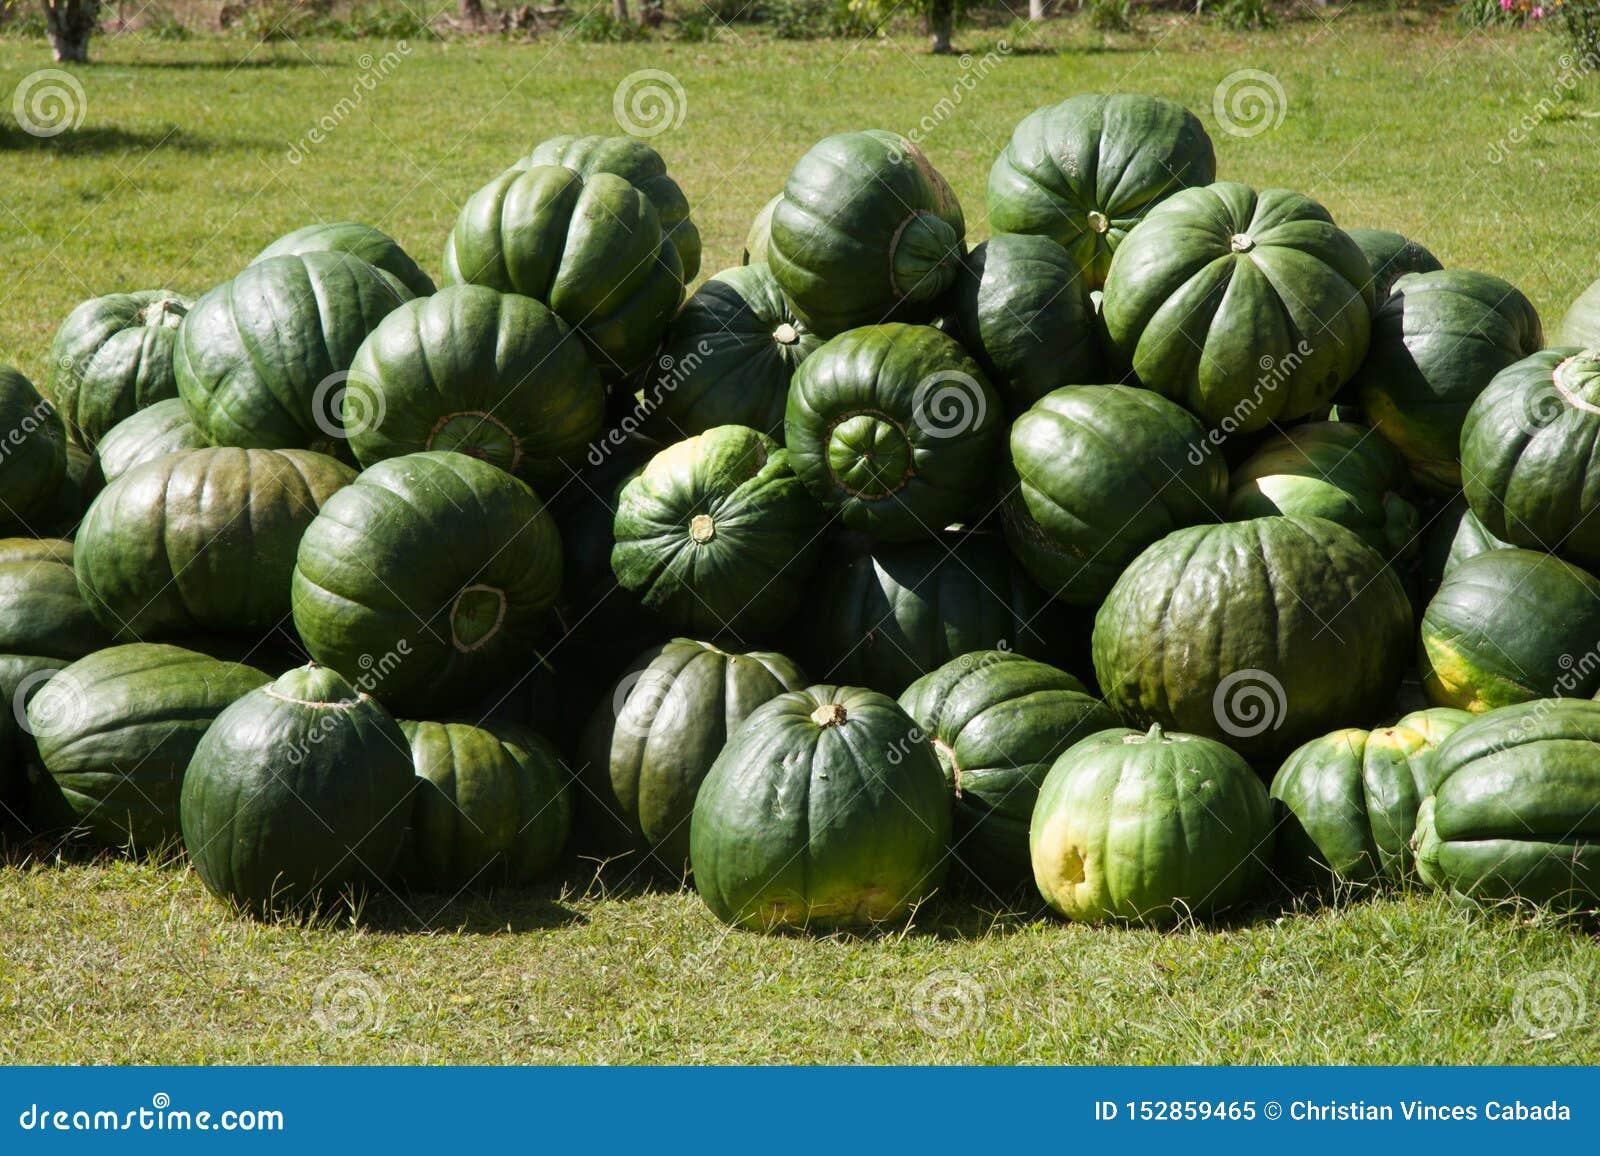 Pumpkin group after harvest